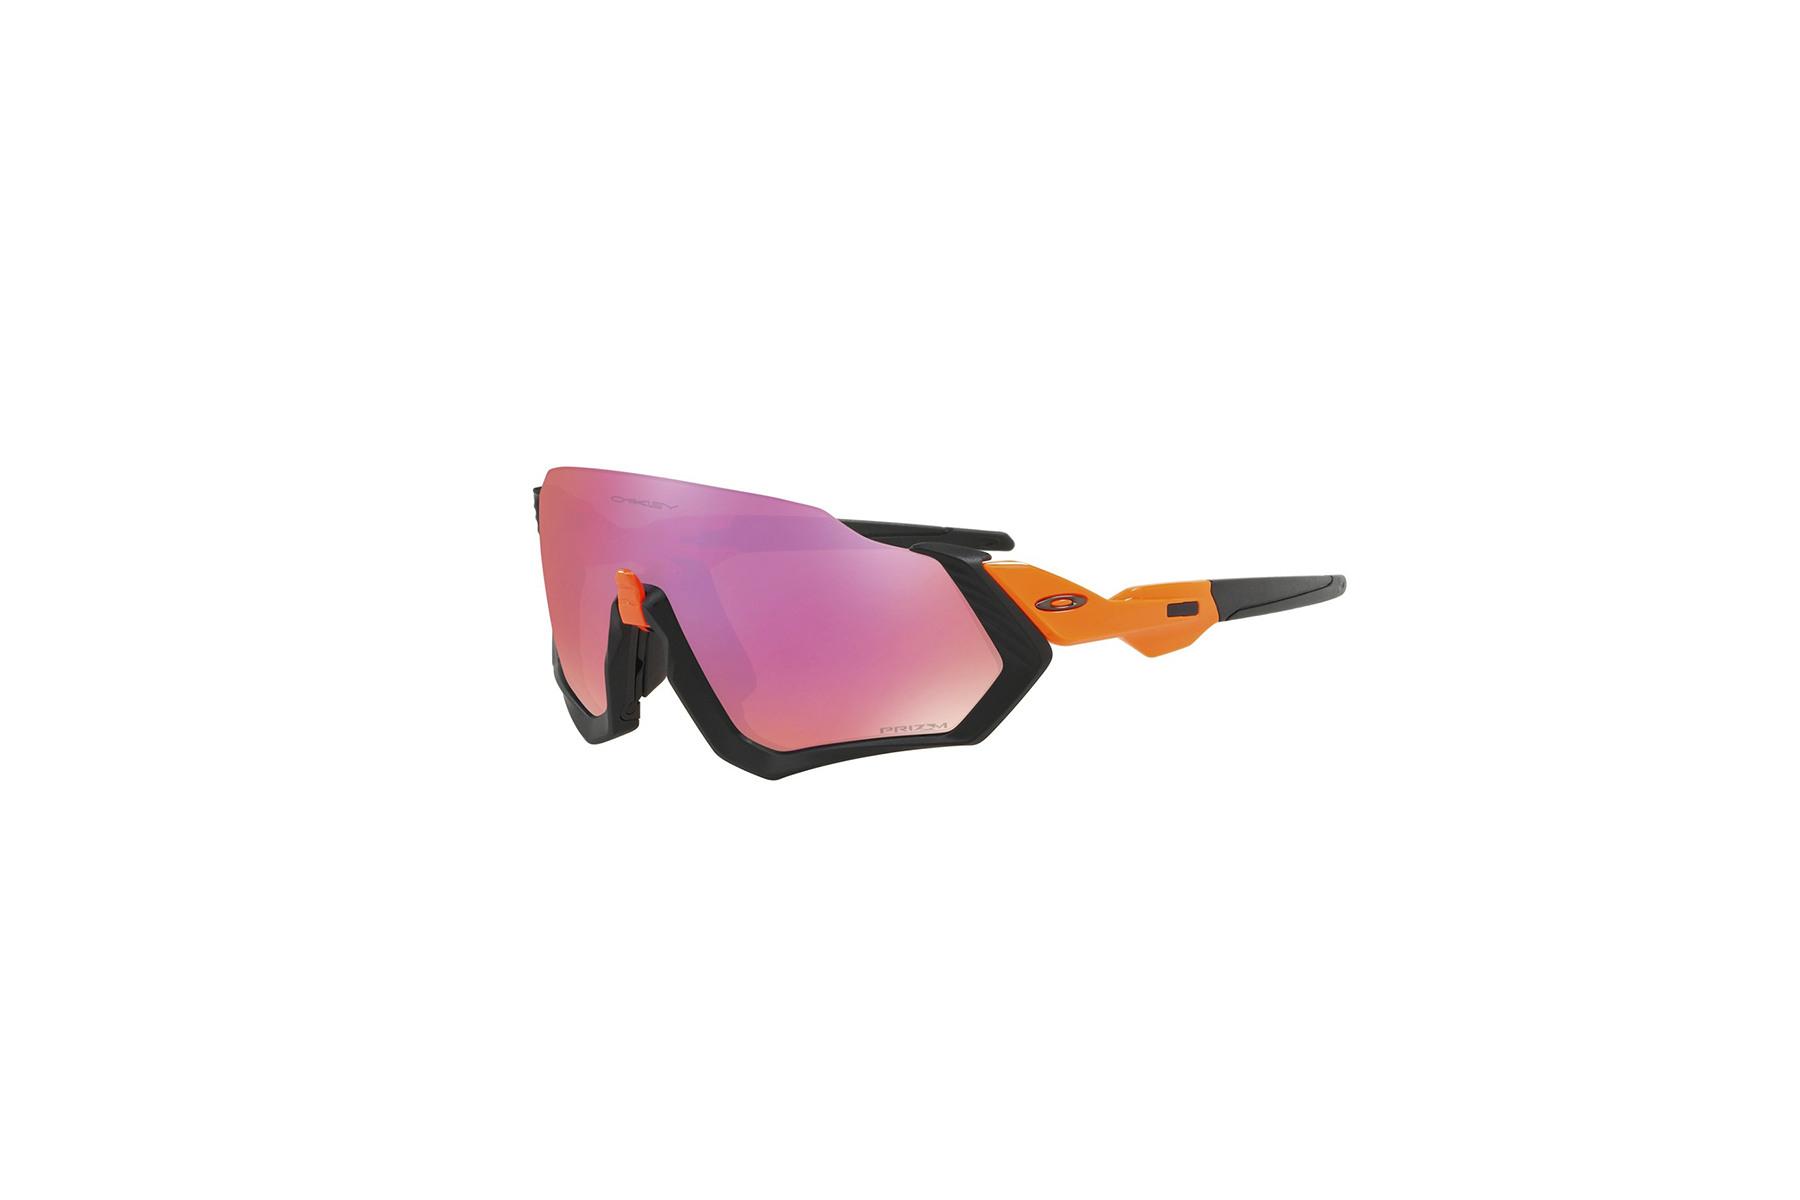 OAKLEY FLIGHT JACKET Sport Sonnenbrille kaufen | ROSE Bikes